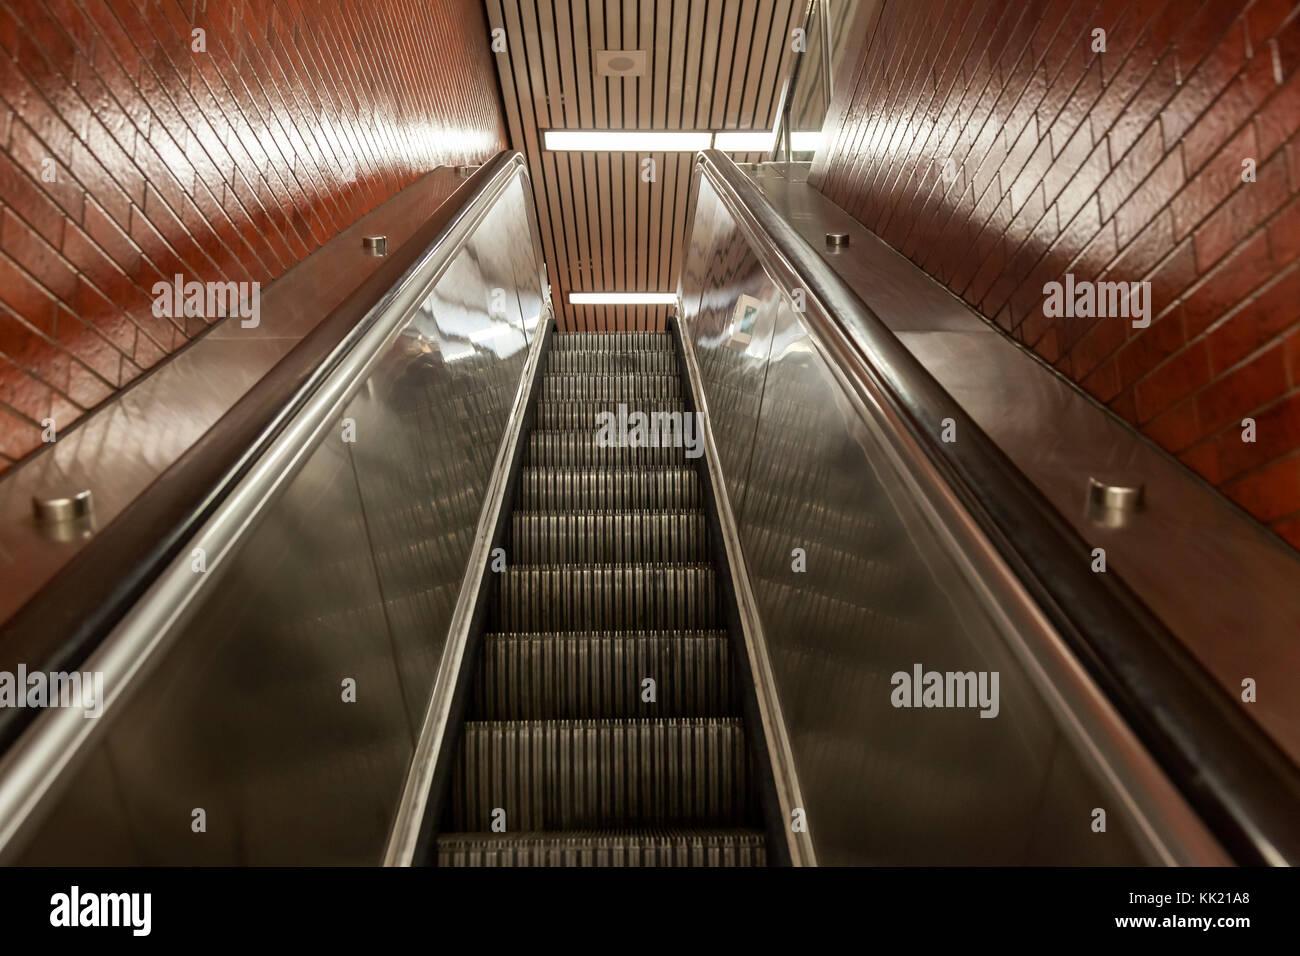 Escalera mecánica subiendo escaleras en una estación de metro Imagen De Stock